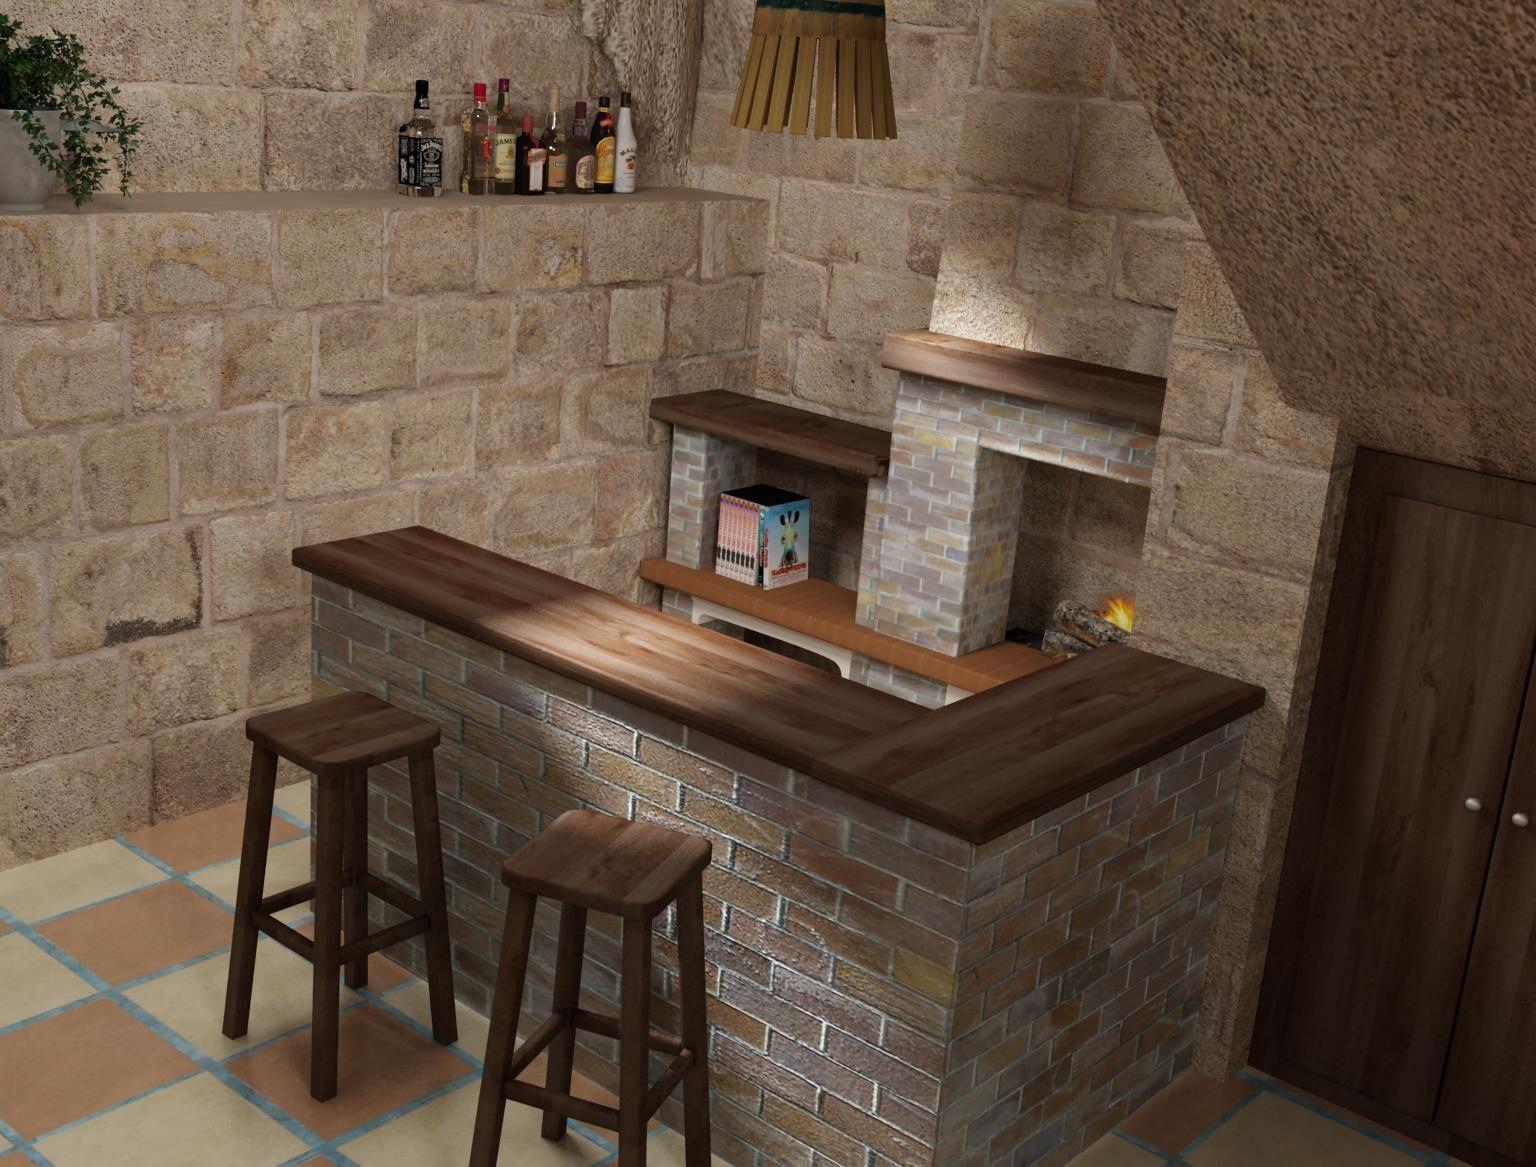 Bodega en 3d creada en manposter a bodegas rusticas pinterest - Bodegas rusticas decoracion ...